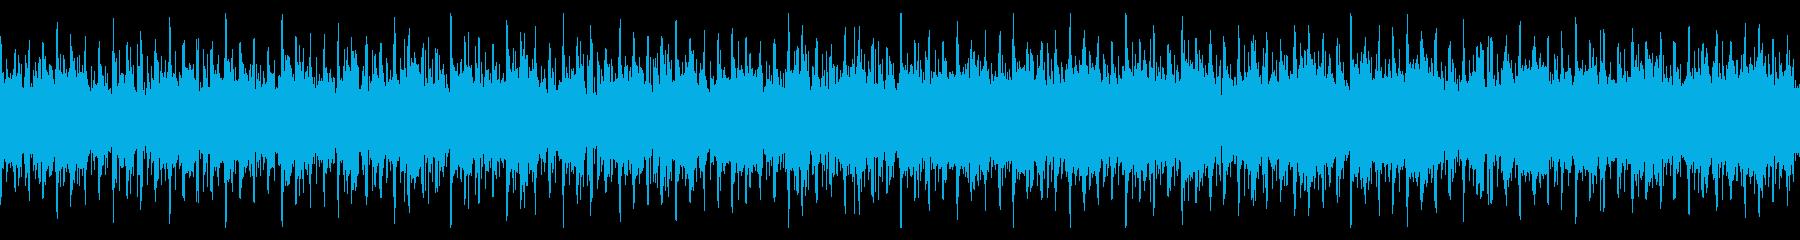 クリスタル!80年代気分のシンセウェーブの再生済みの波形